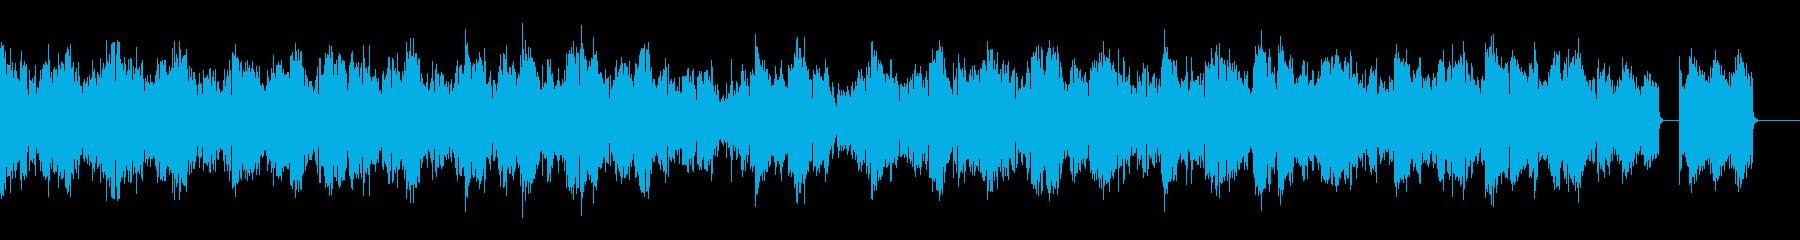 ちょっと奇妙なオルガンピアノの再生済みの波形